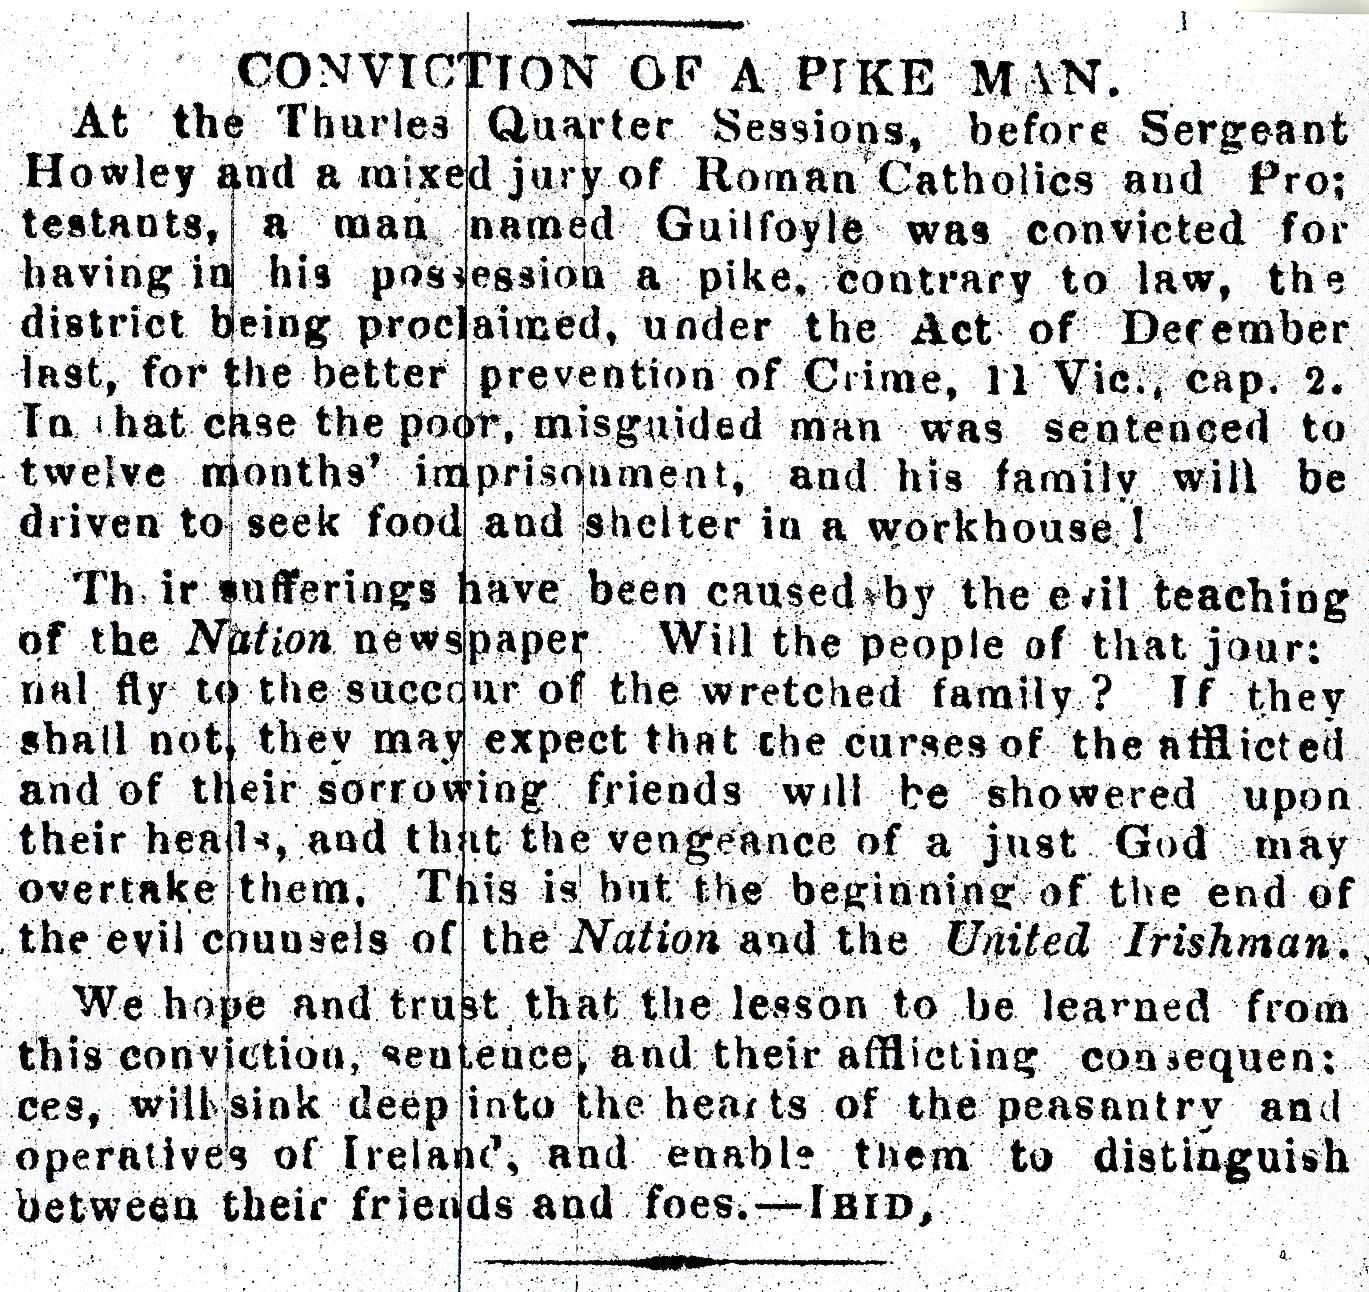 TFP 10 May 1848 Pike